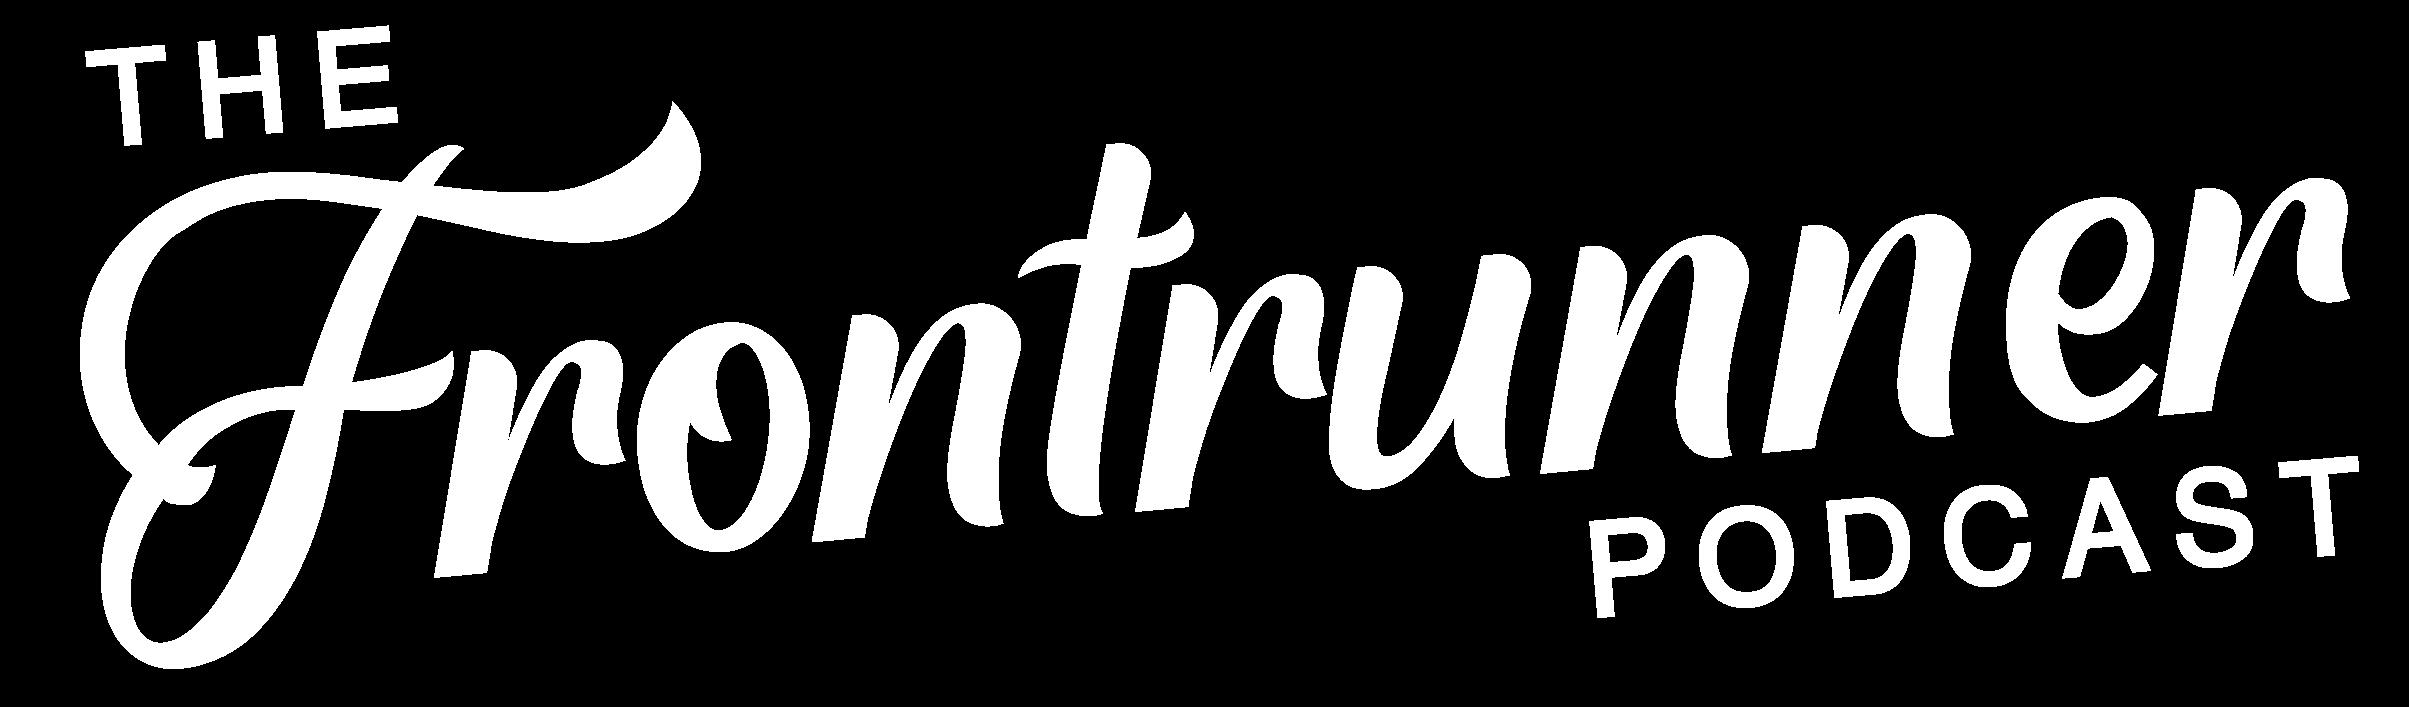 The Frontrunner Podcast